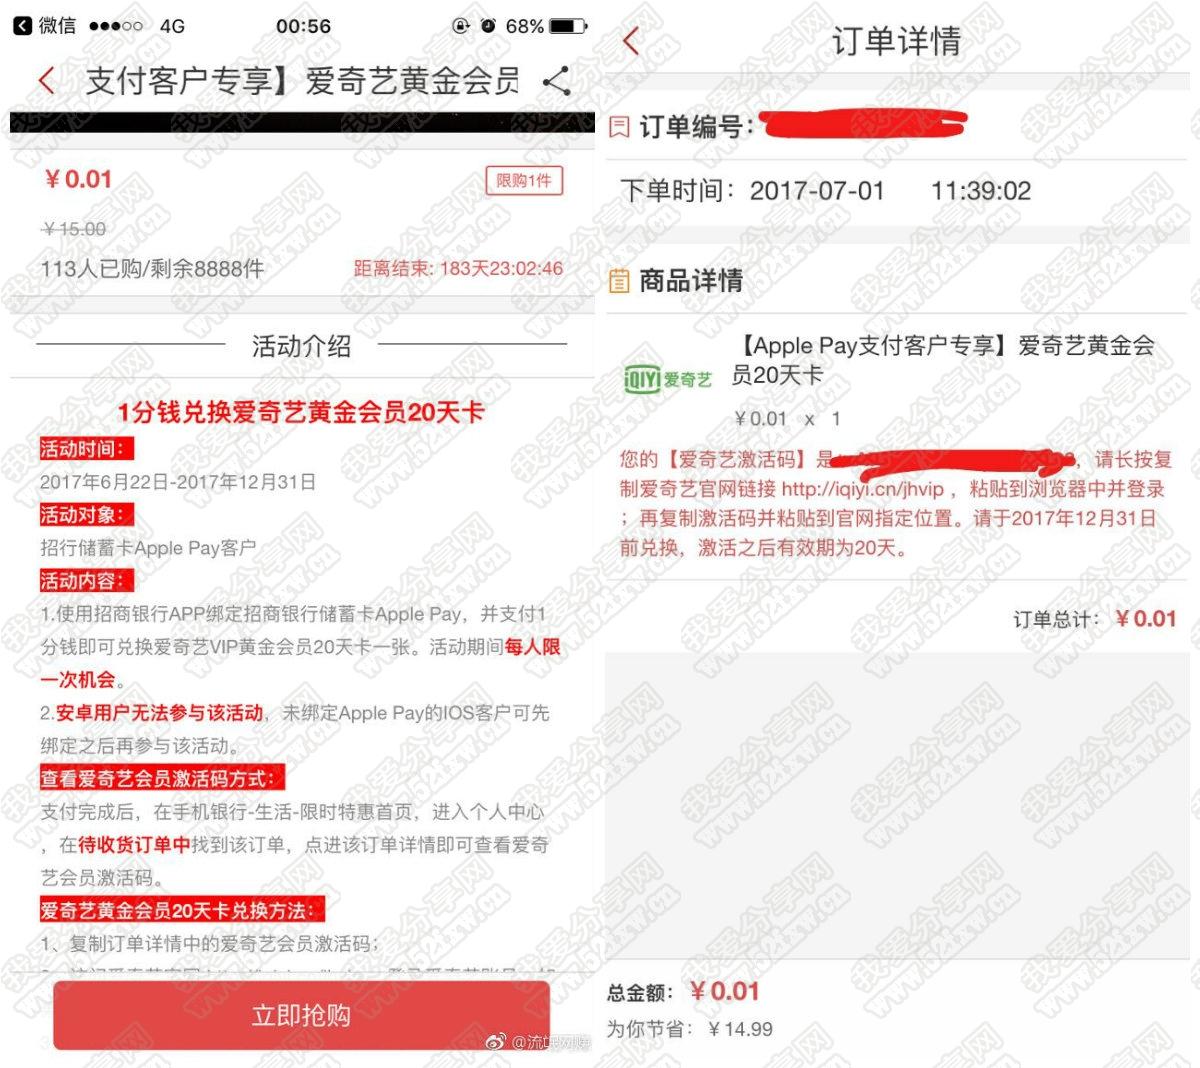 招商银行卡1分钱撸20天爱奇艺vip